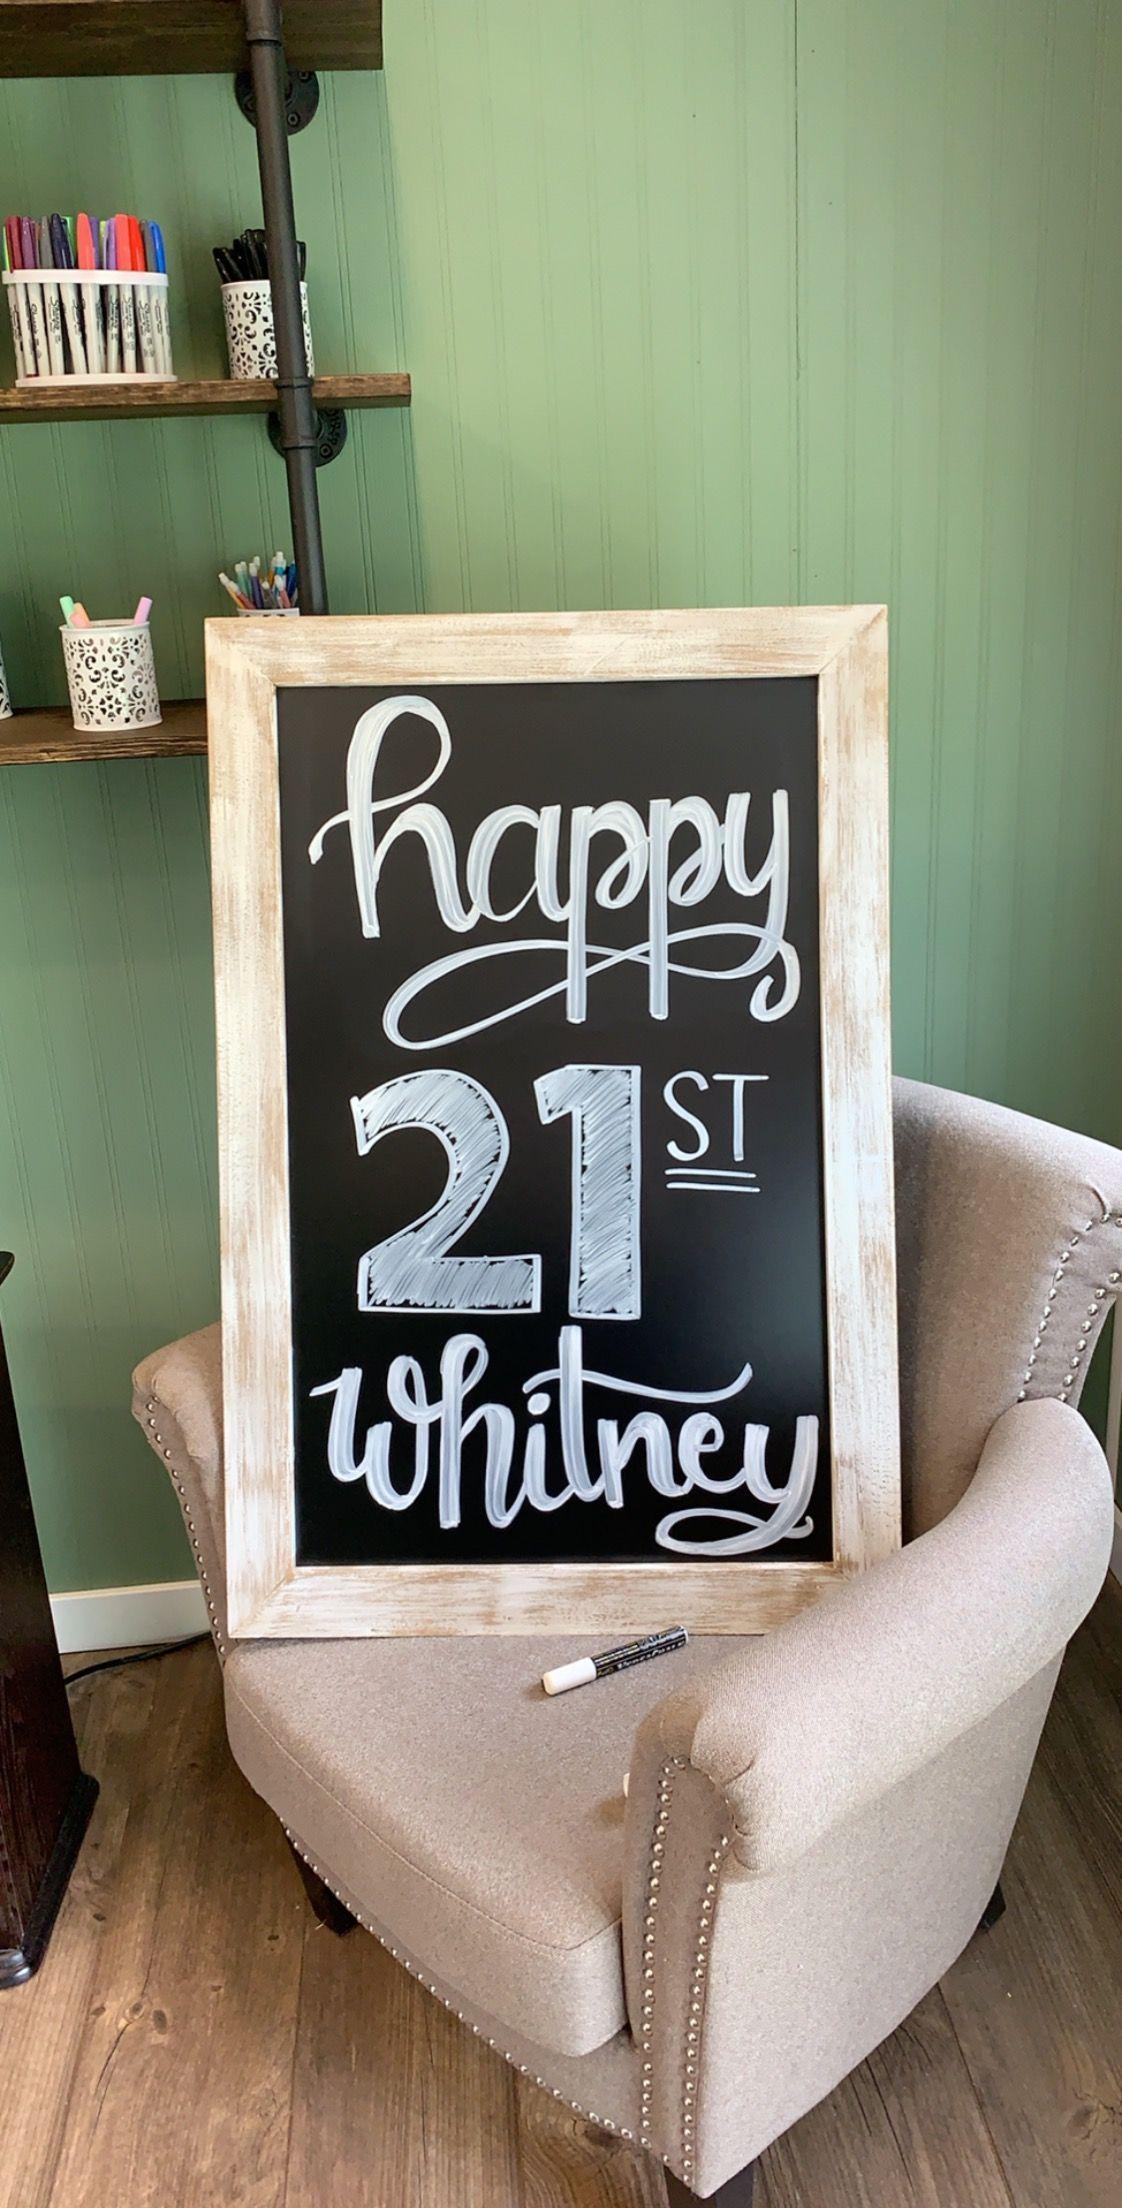 Chalkboard Happy Birthday 21st Birthday Happy 21st Birthday Happy 30th Birthday Birthday Chalkboard Sign